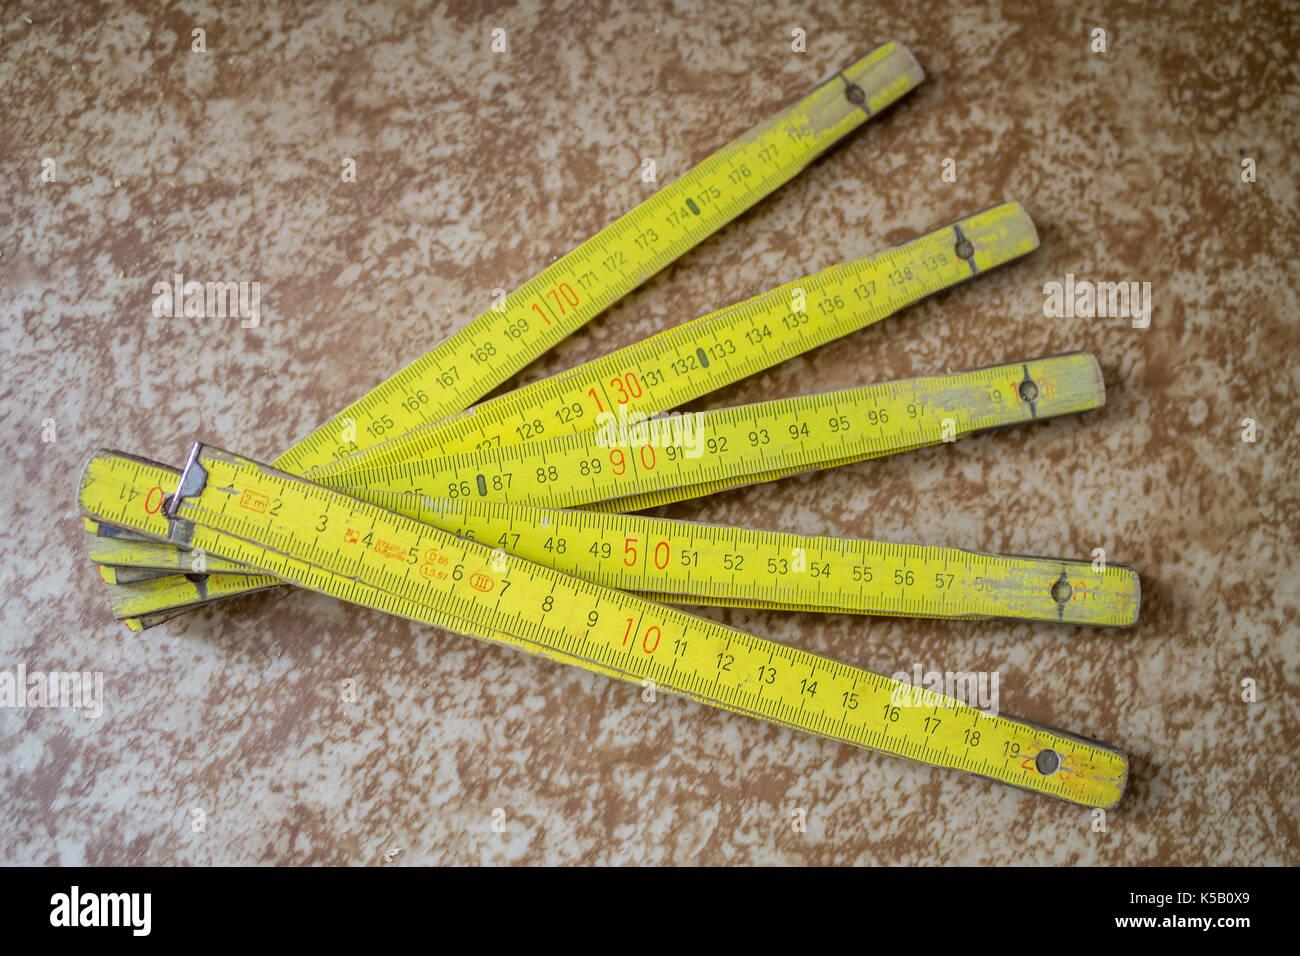 Wooden Folding Ruler - Stock Image